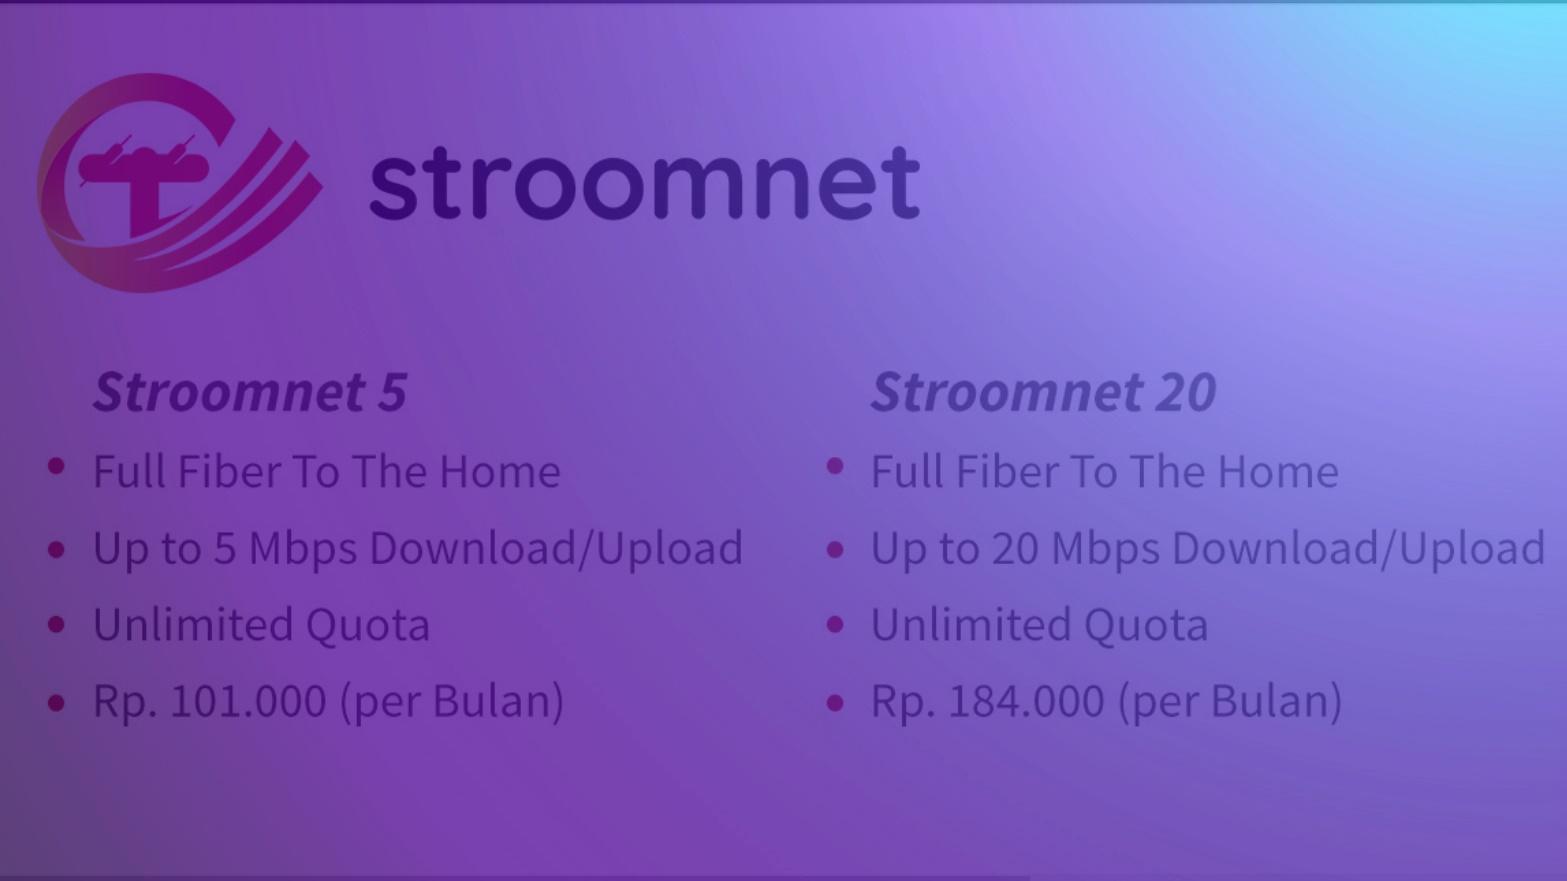 WiFi Murah 100 Ribuan Paket Internet Rumah 10 & 20 Mbps